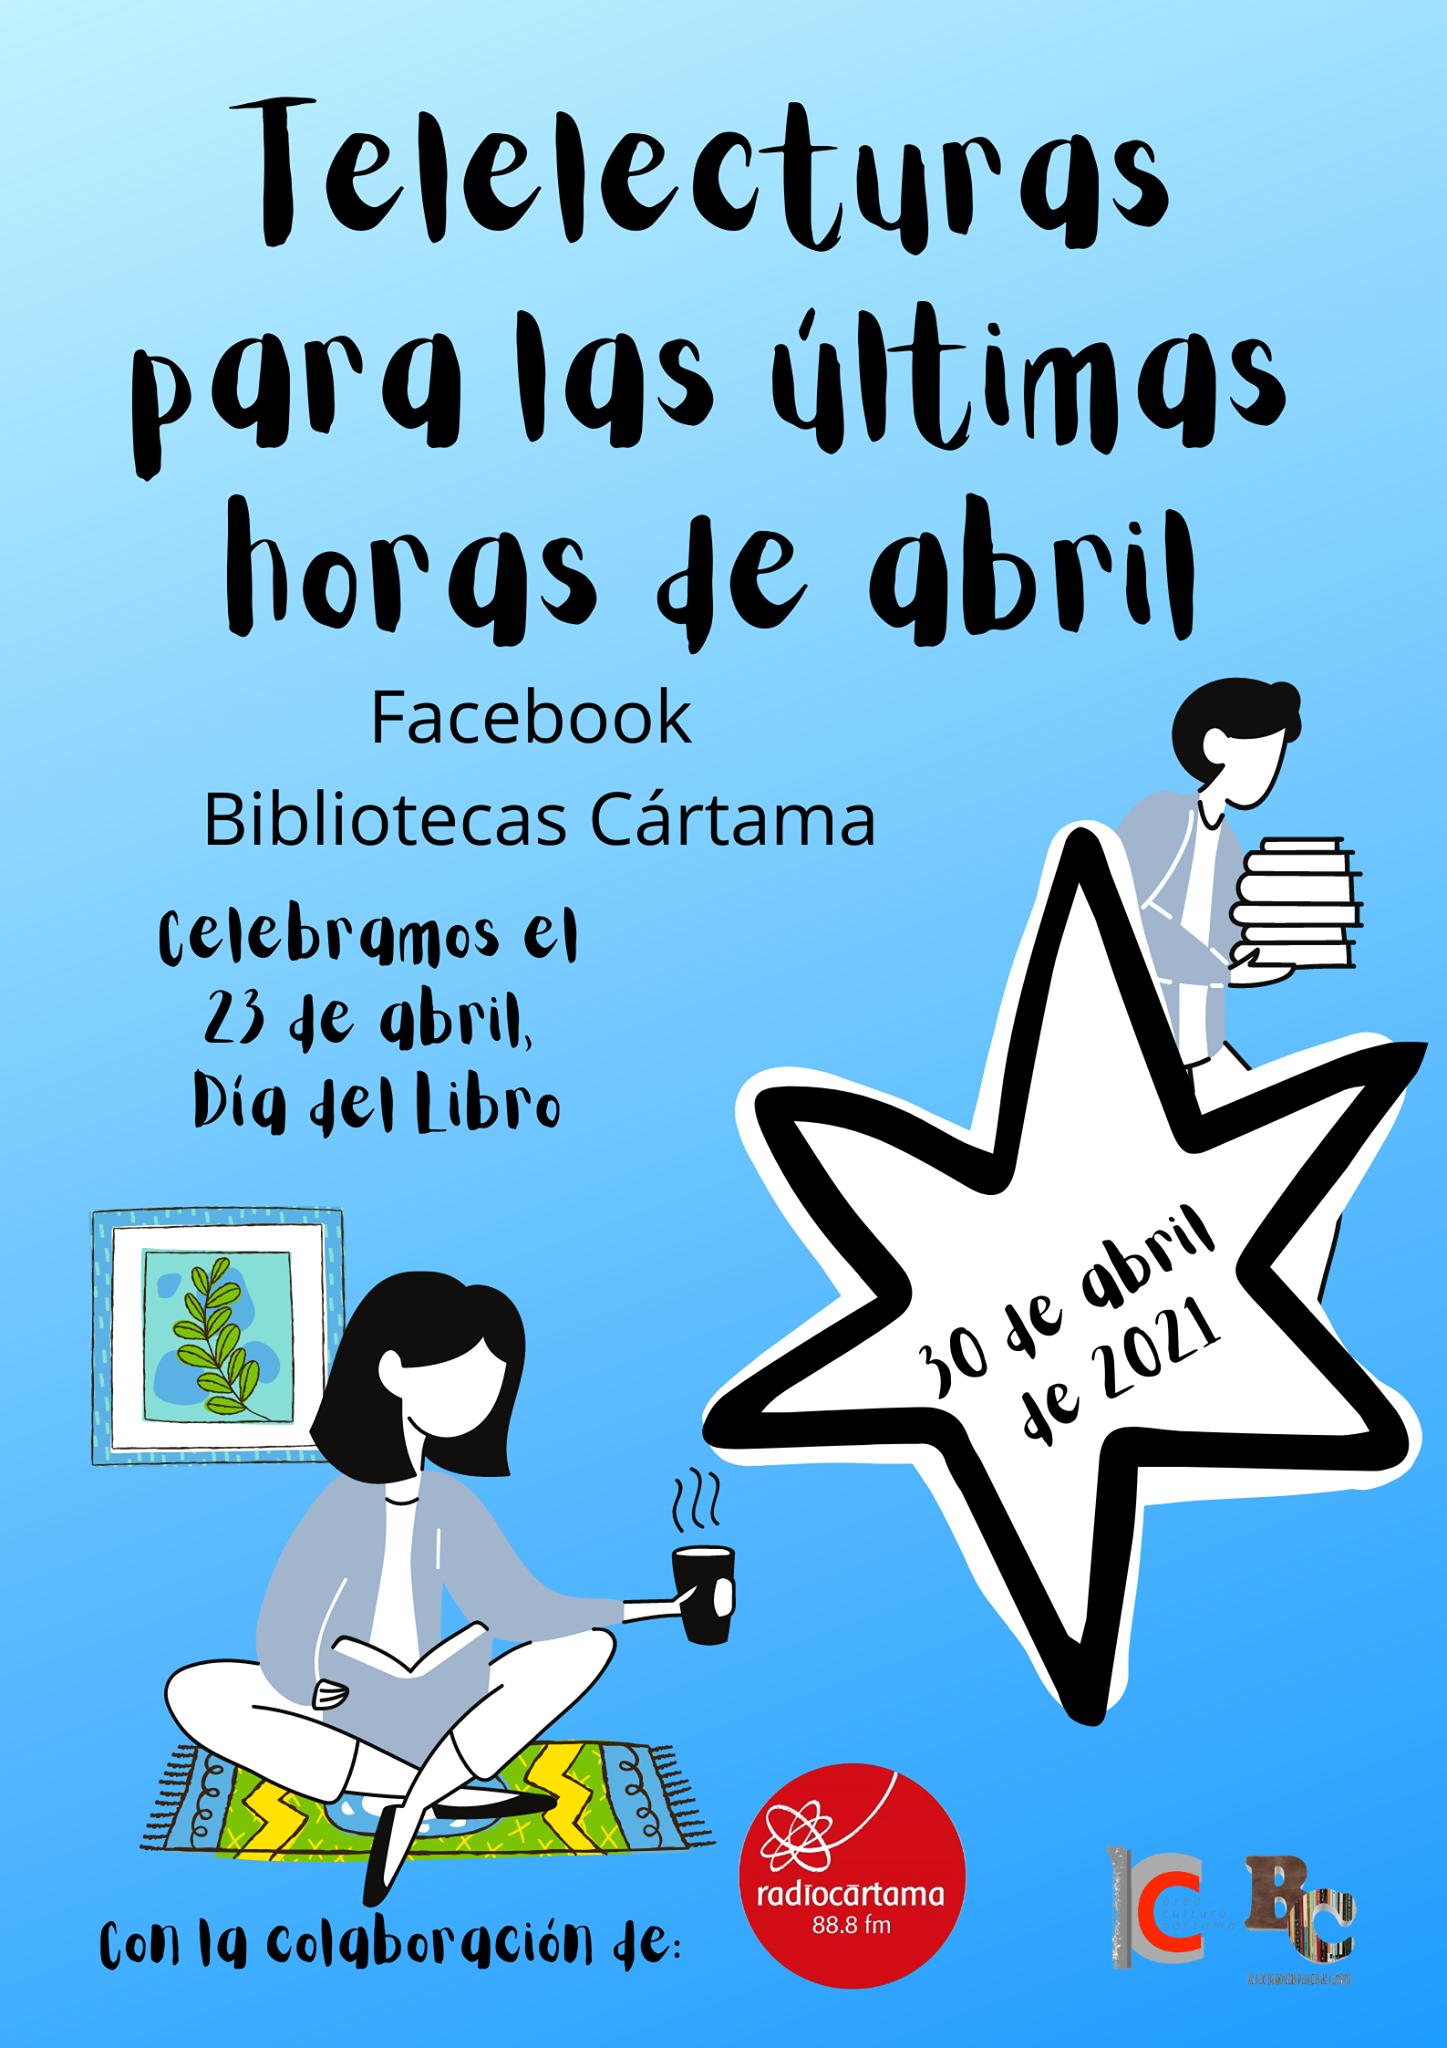 cartel-telelecturas-ultimas-horas-abril-300421